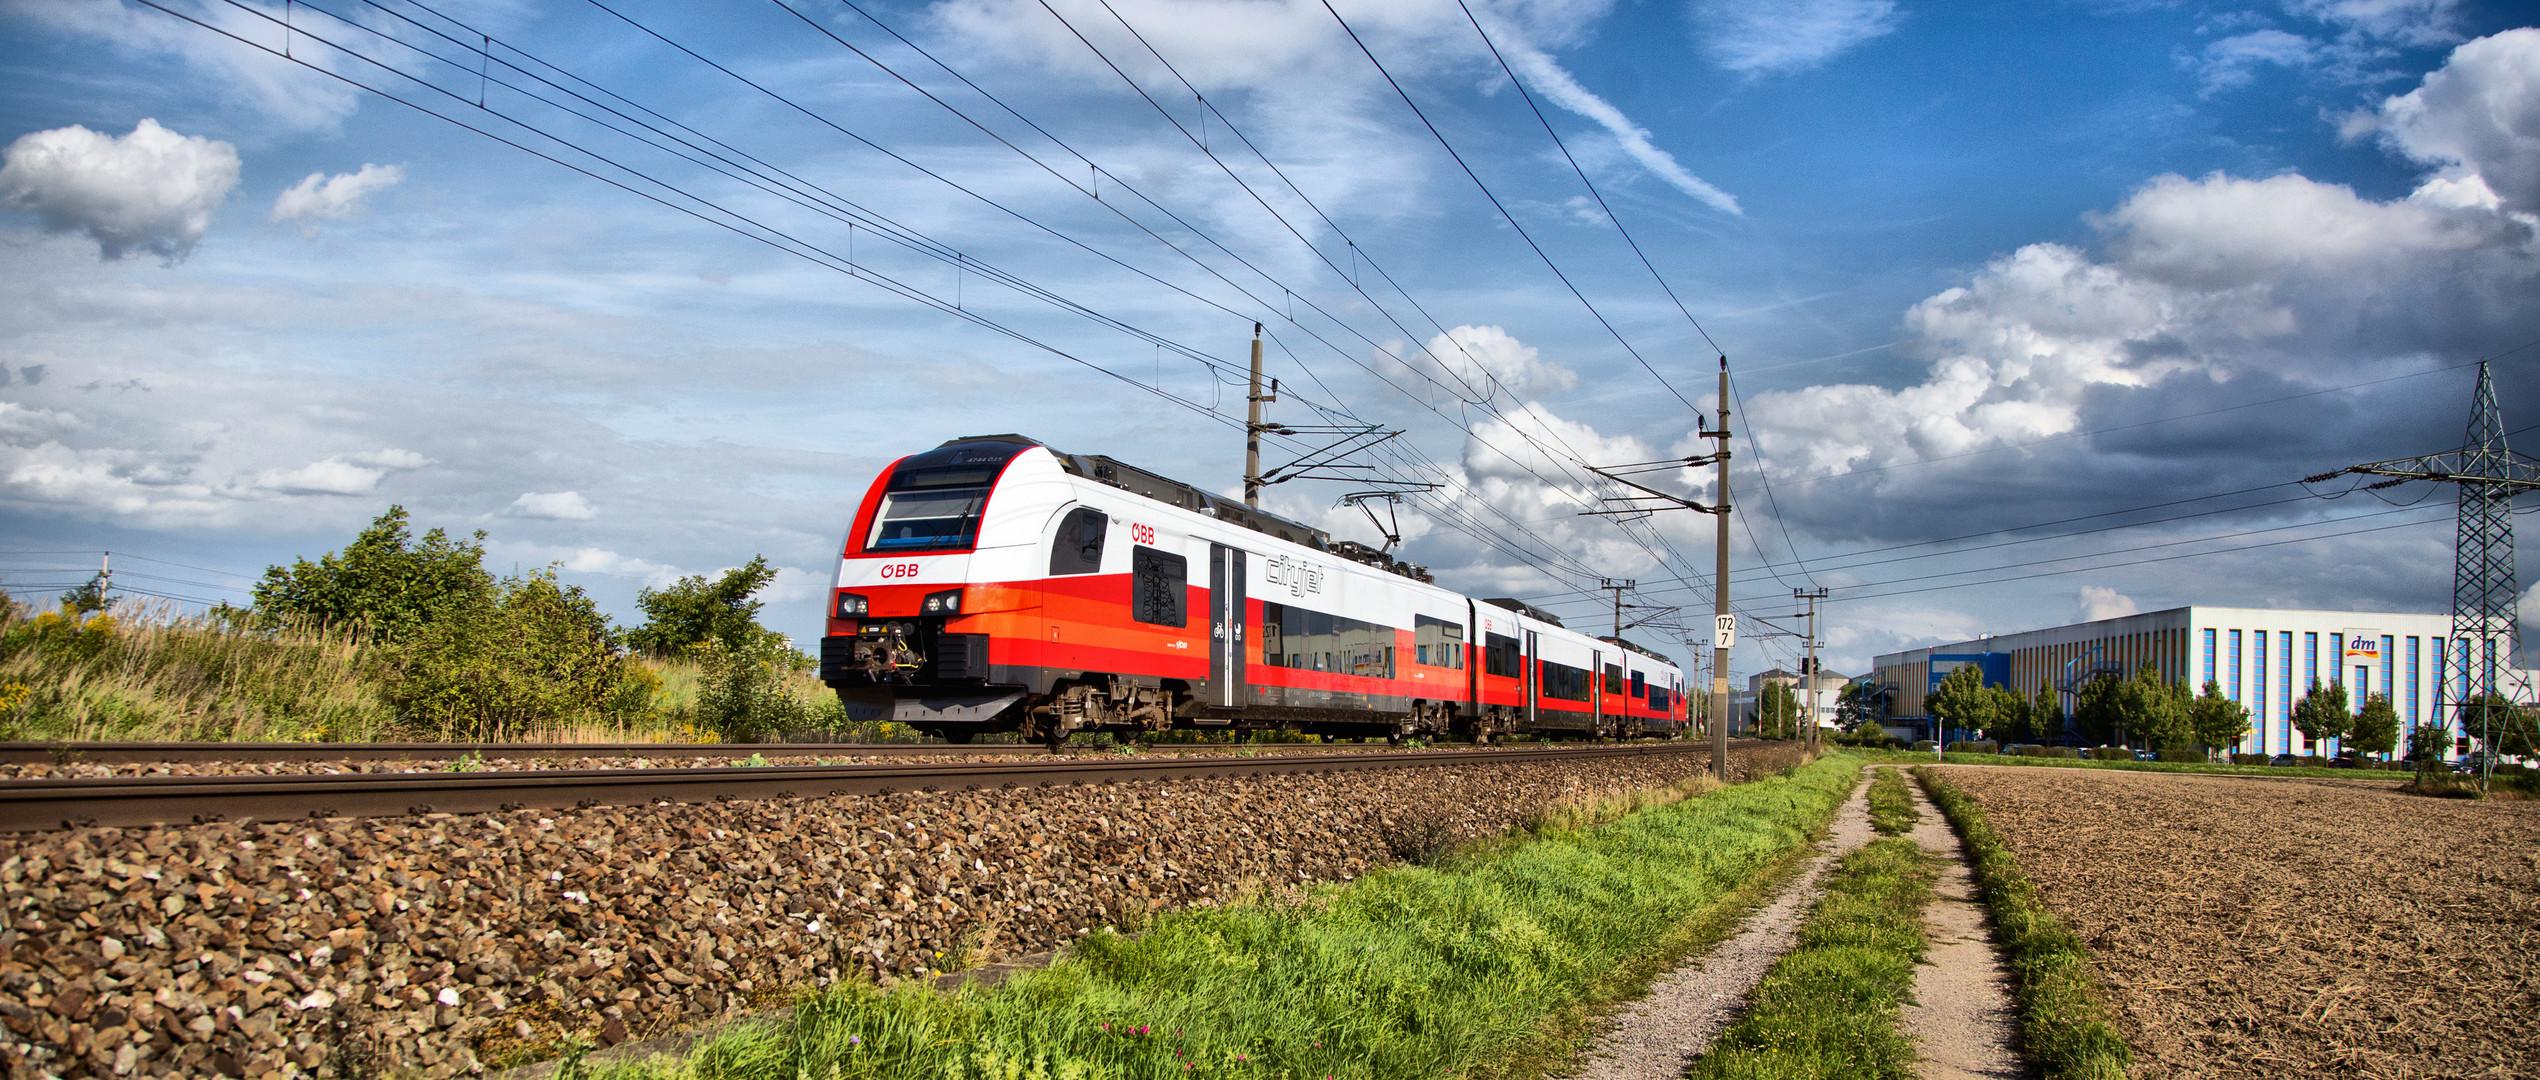 S-Bahn cityjet